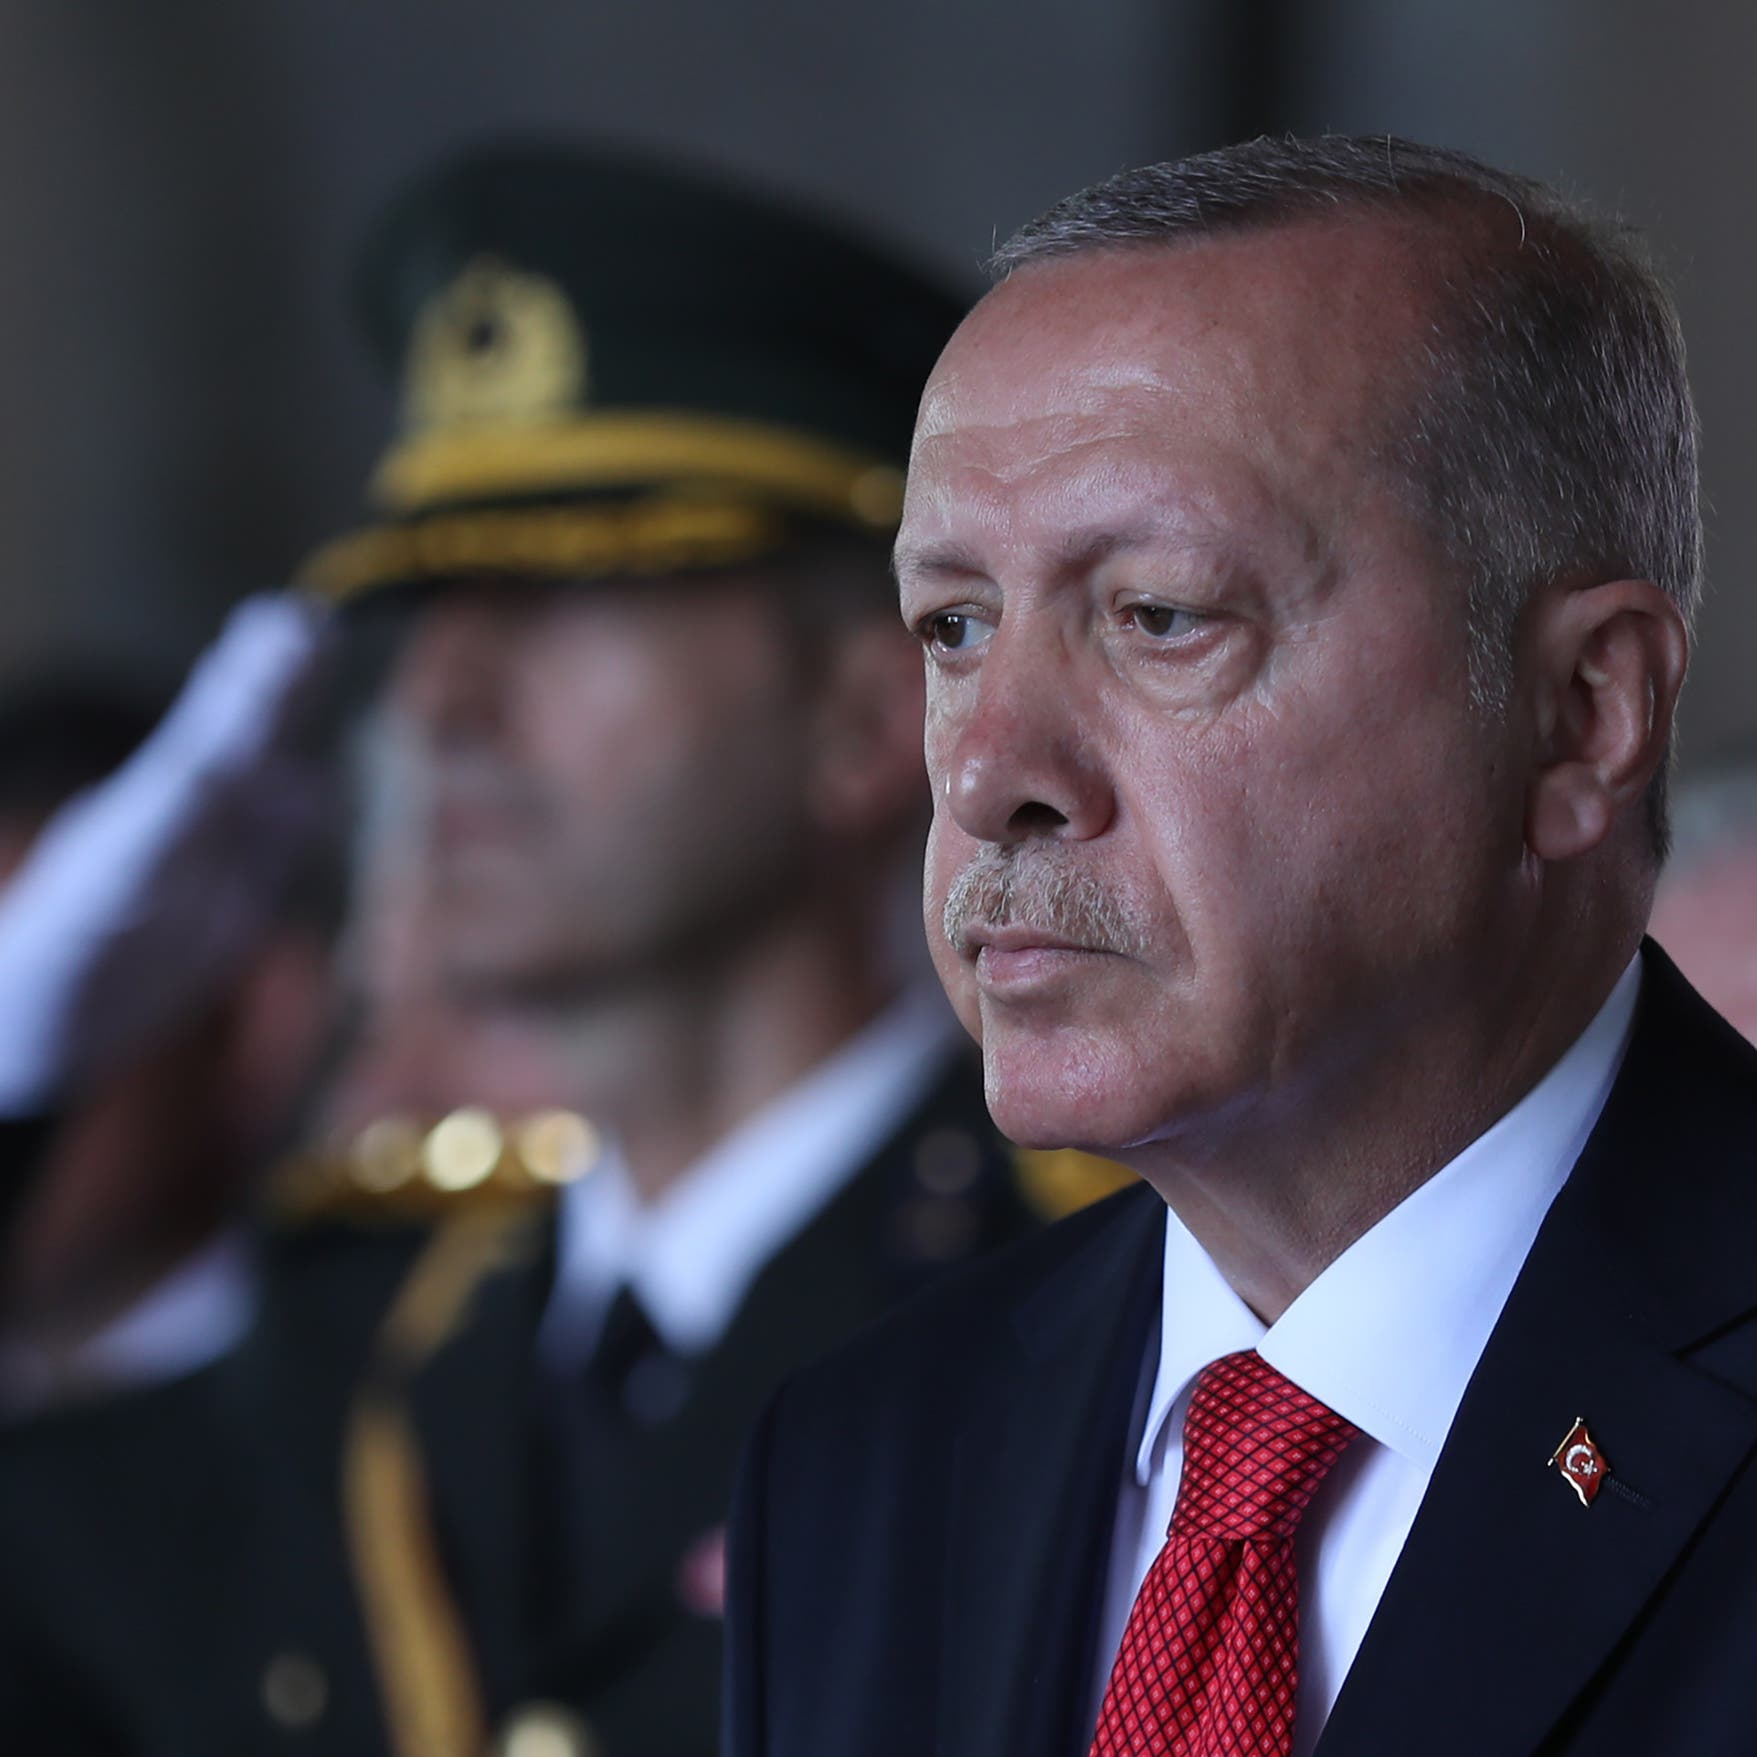 أردوغان: العملية في سوريا قد تبدأ في أي وقت